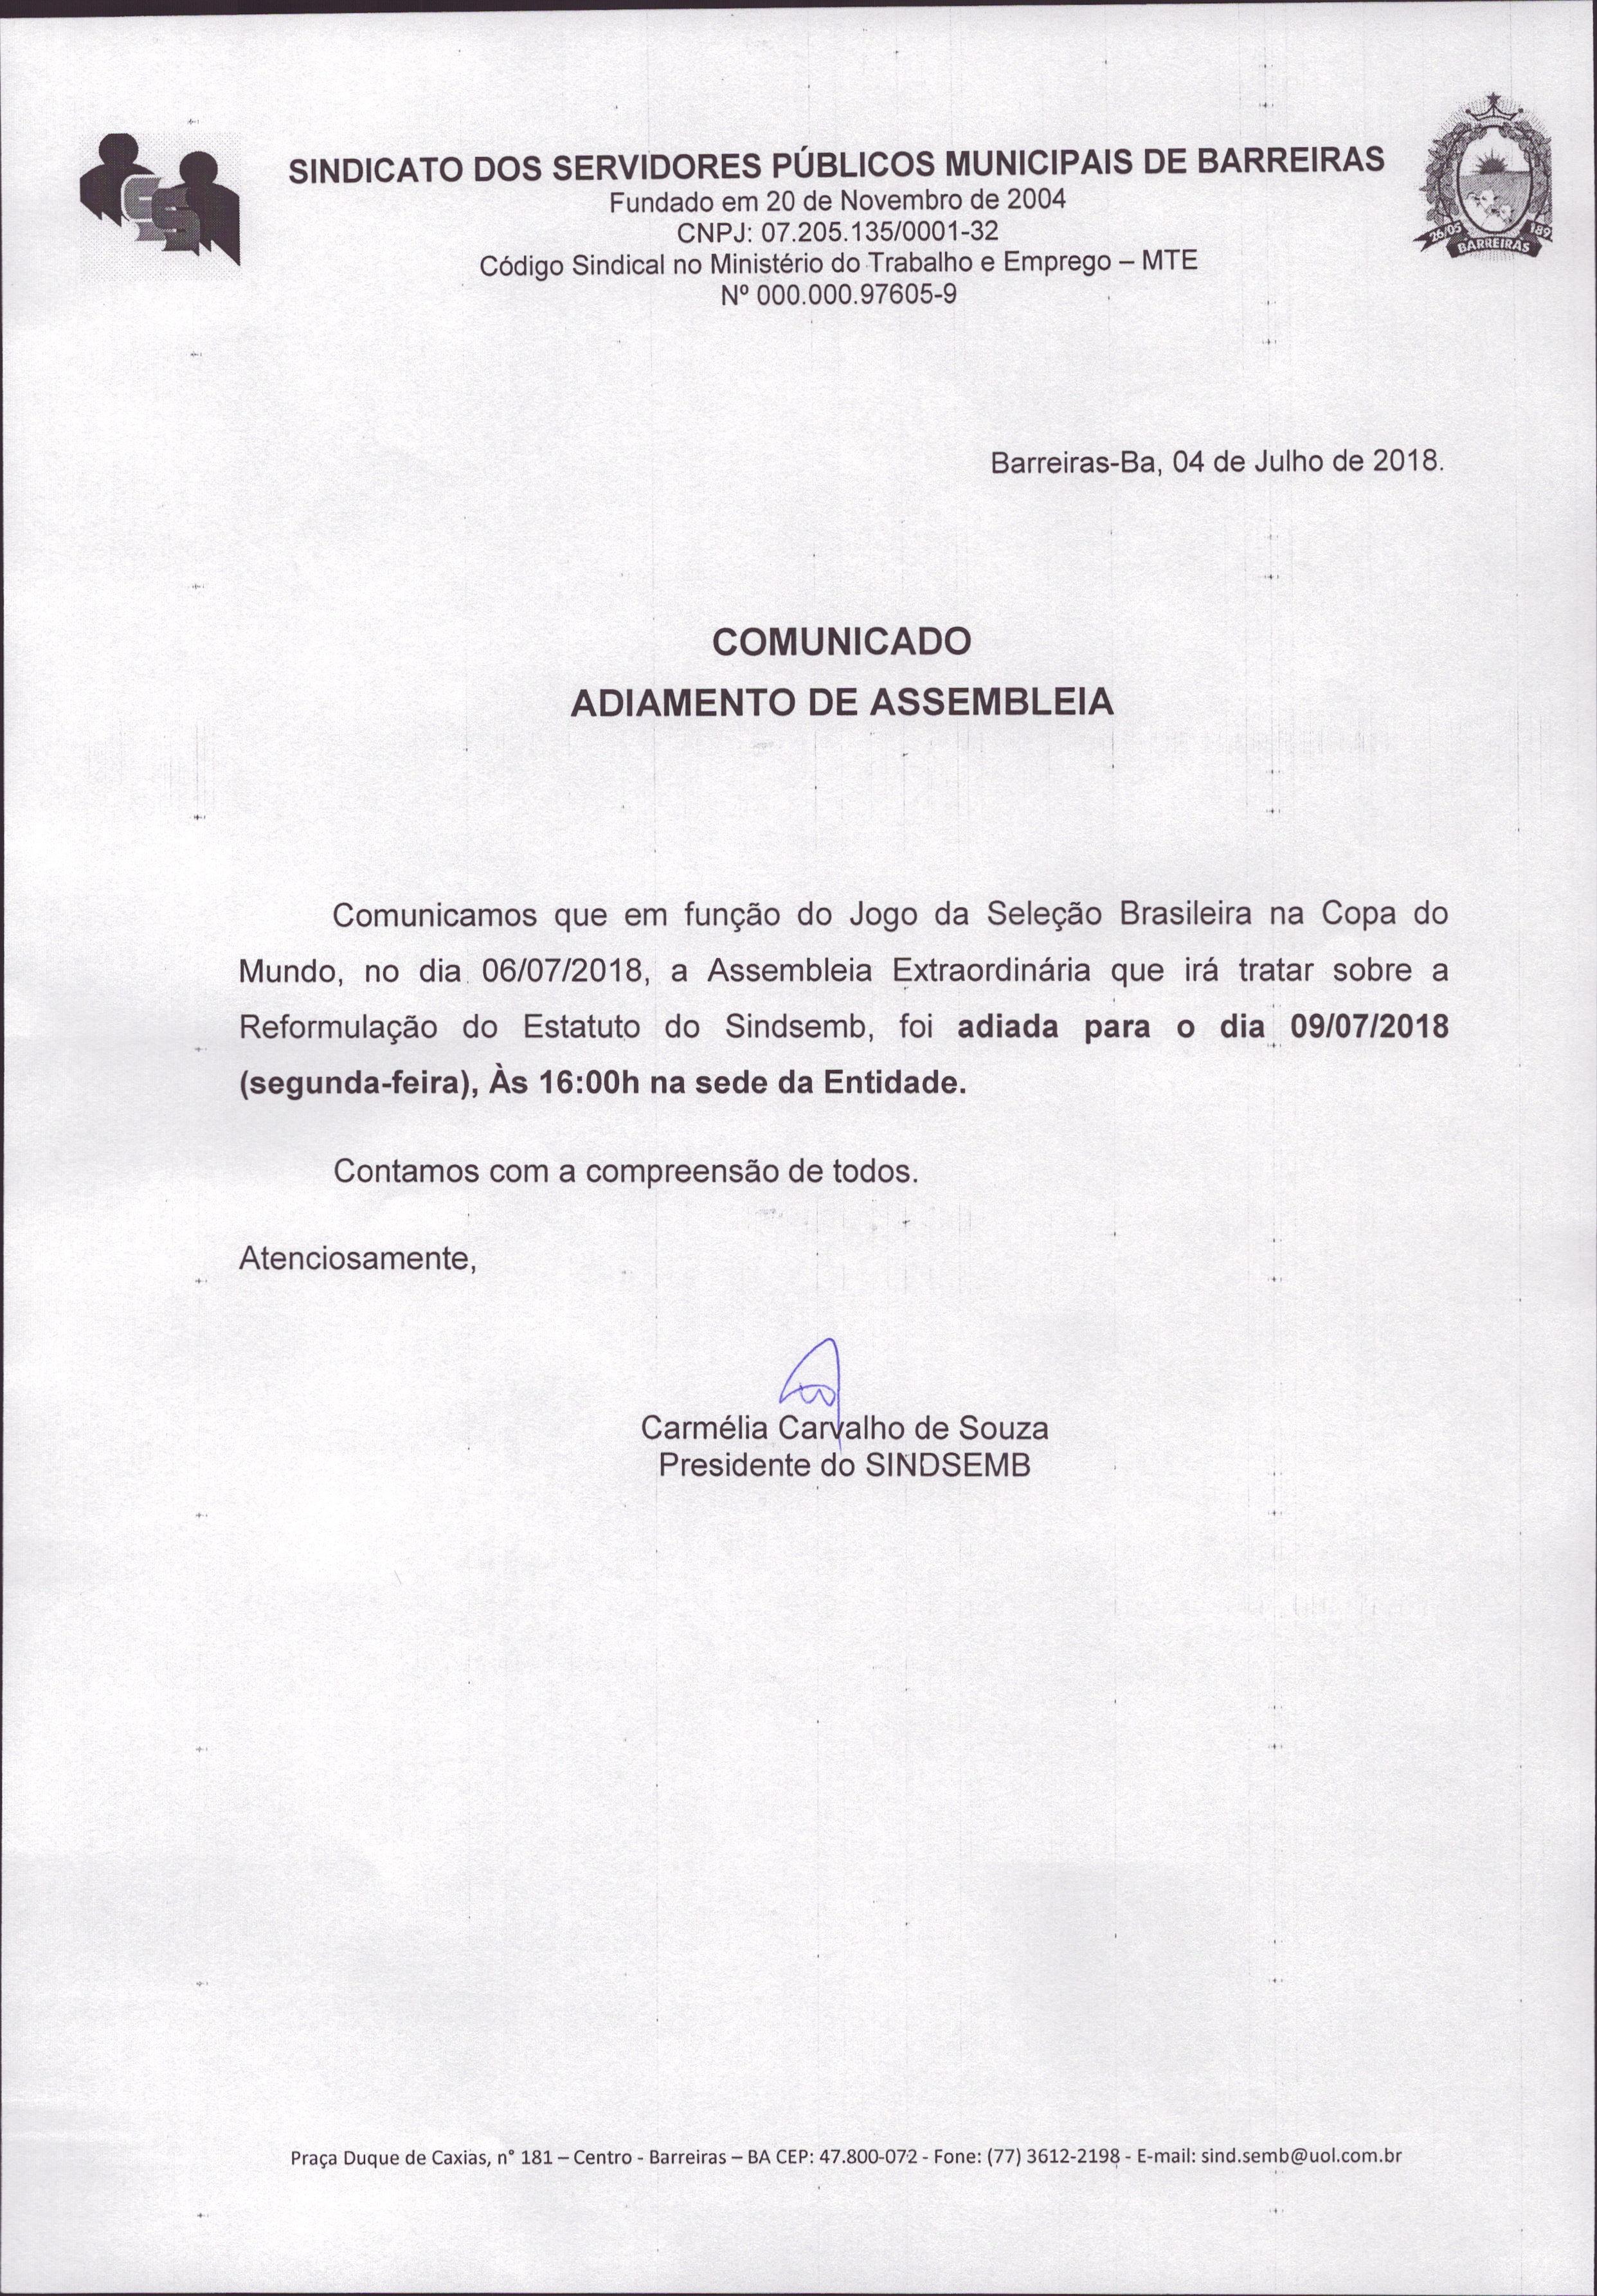 COMUNICADO-ADIAMENTO DE ASSEMBLEIA EXTRAORDINÁRIA EM FUNÇÃO DO JOGO DA SELEÇÃO BRASILEIRA NO DIA 06/07/2018